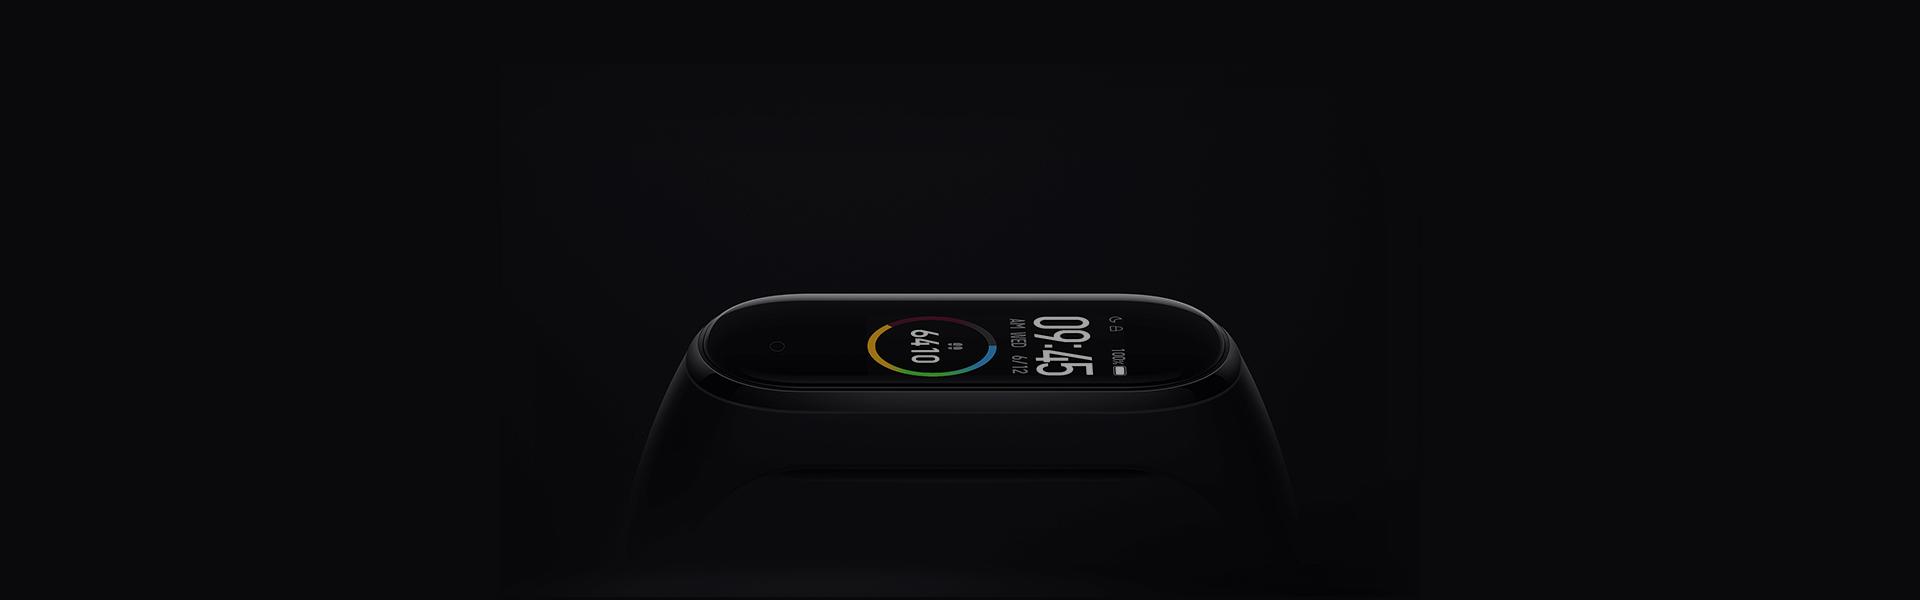 Xiaomi Mi Band 4: культовый браслет для всех?